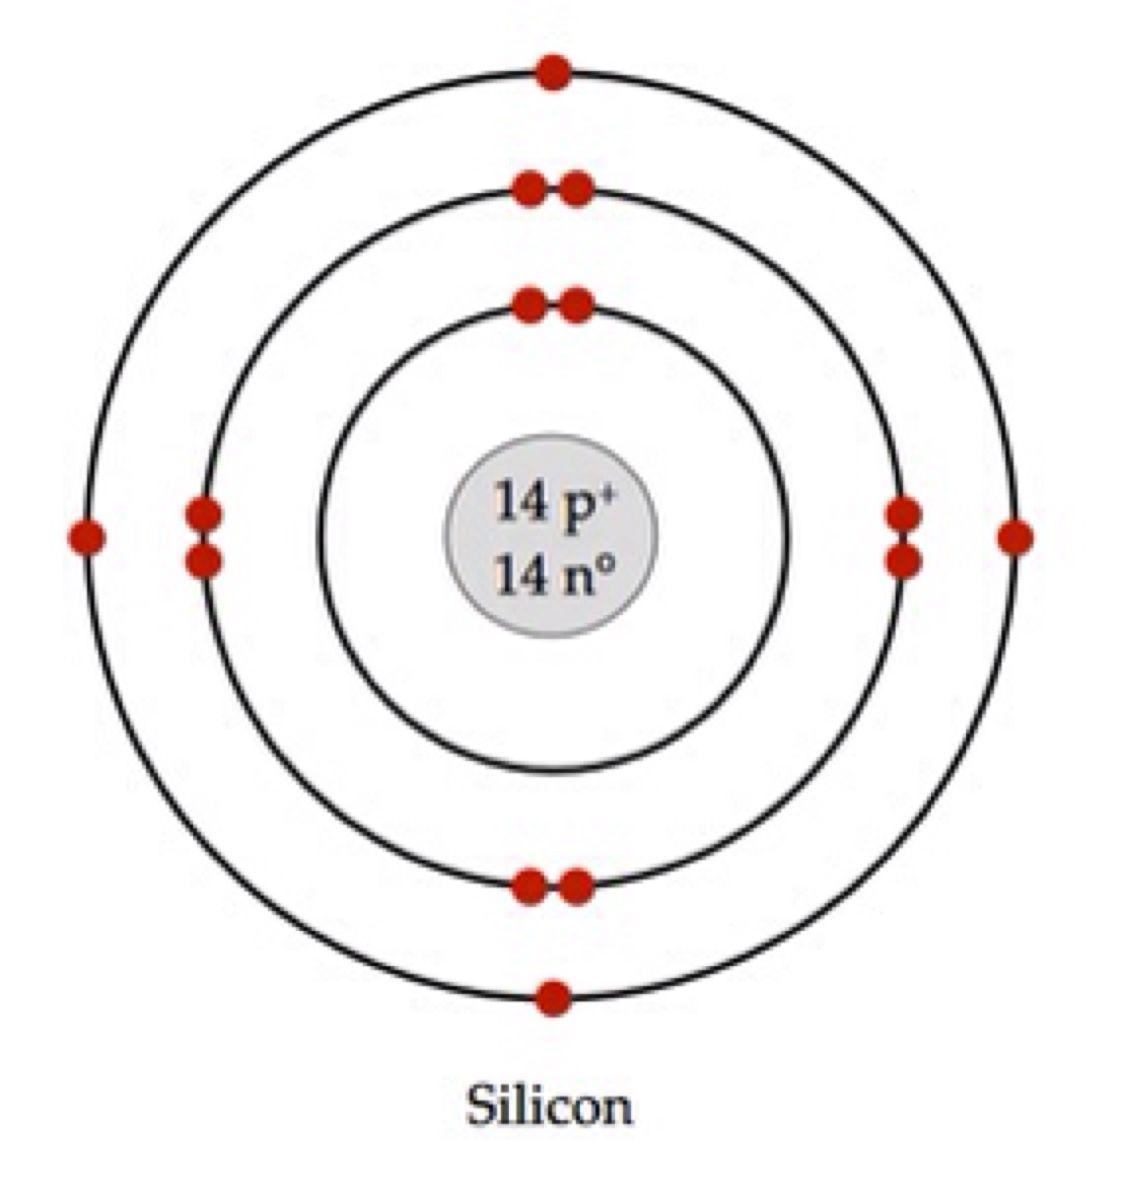 Bohr Diagram Of Sulfur